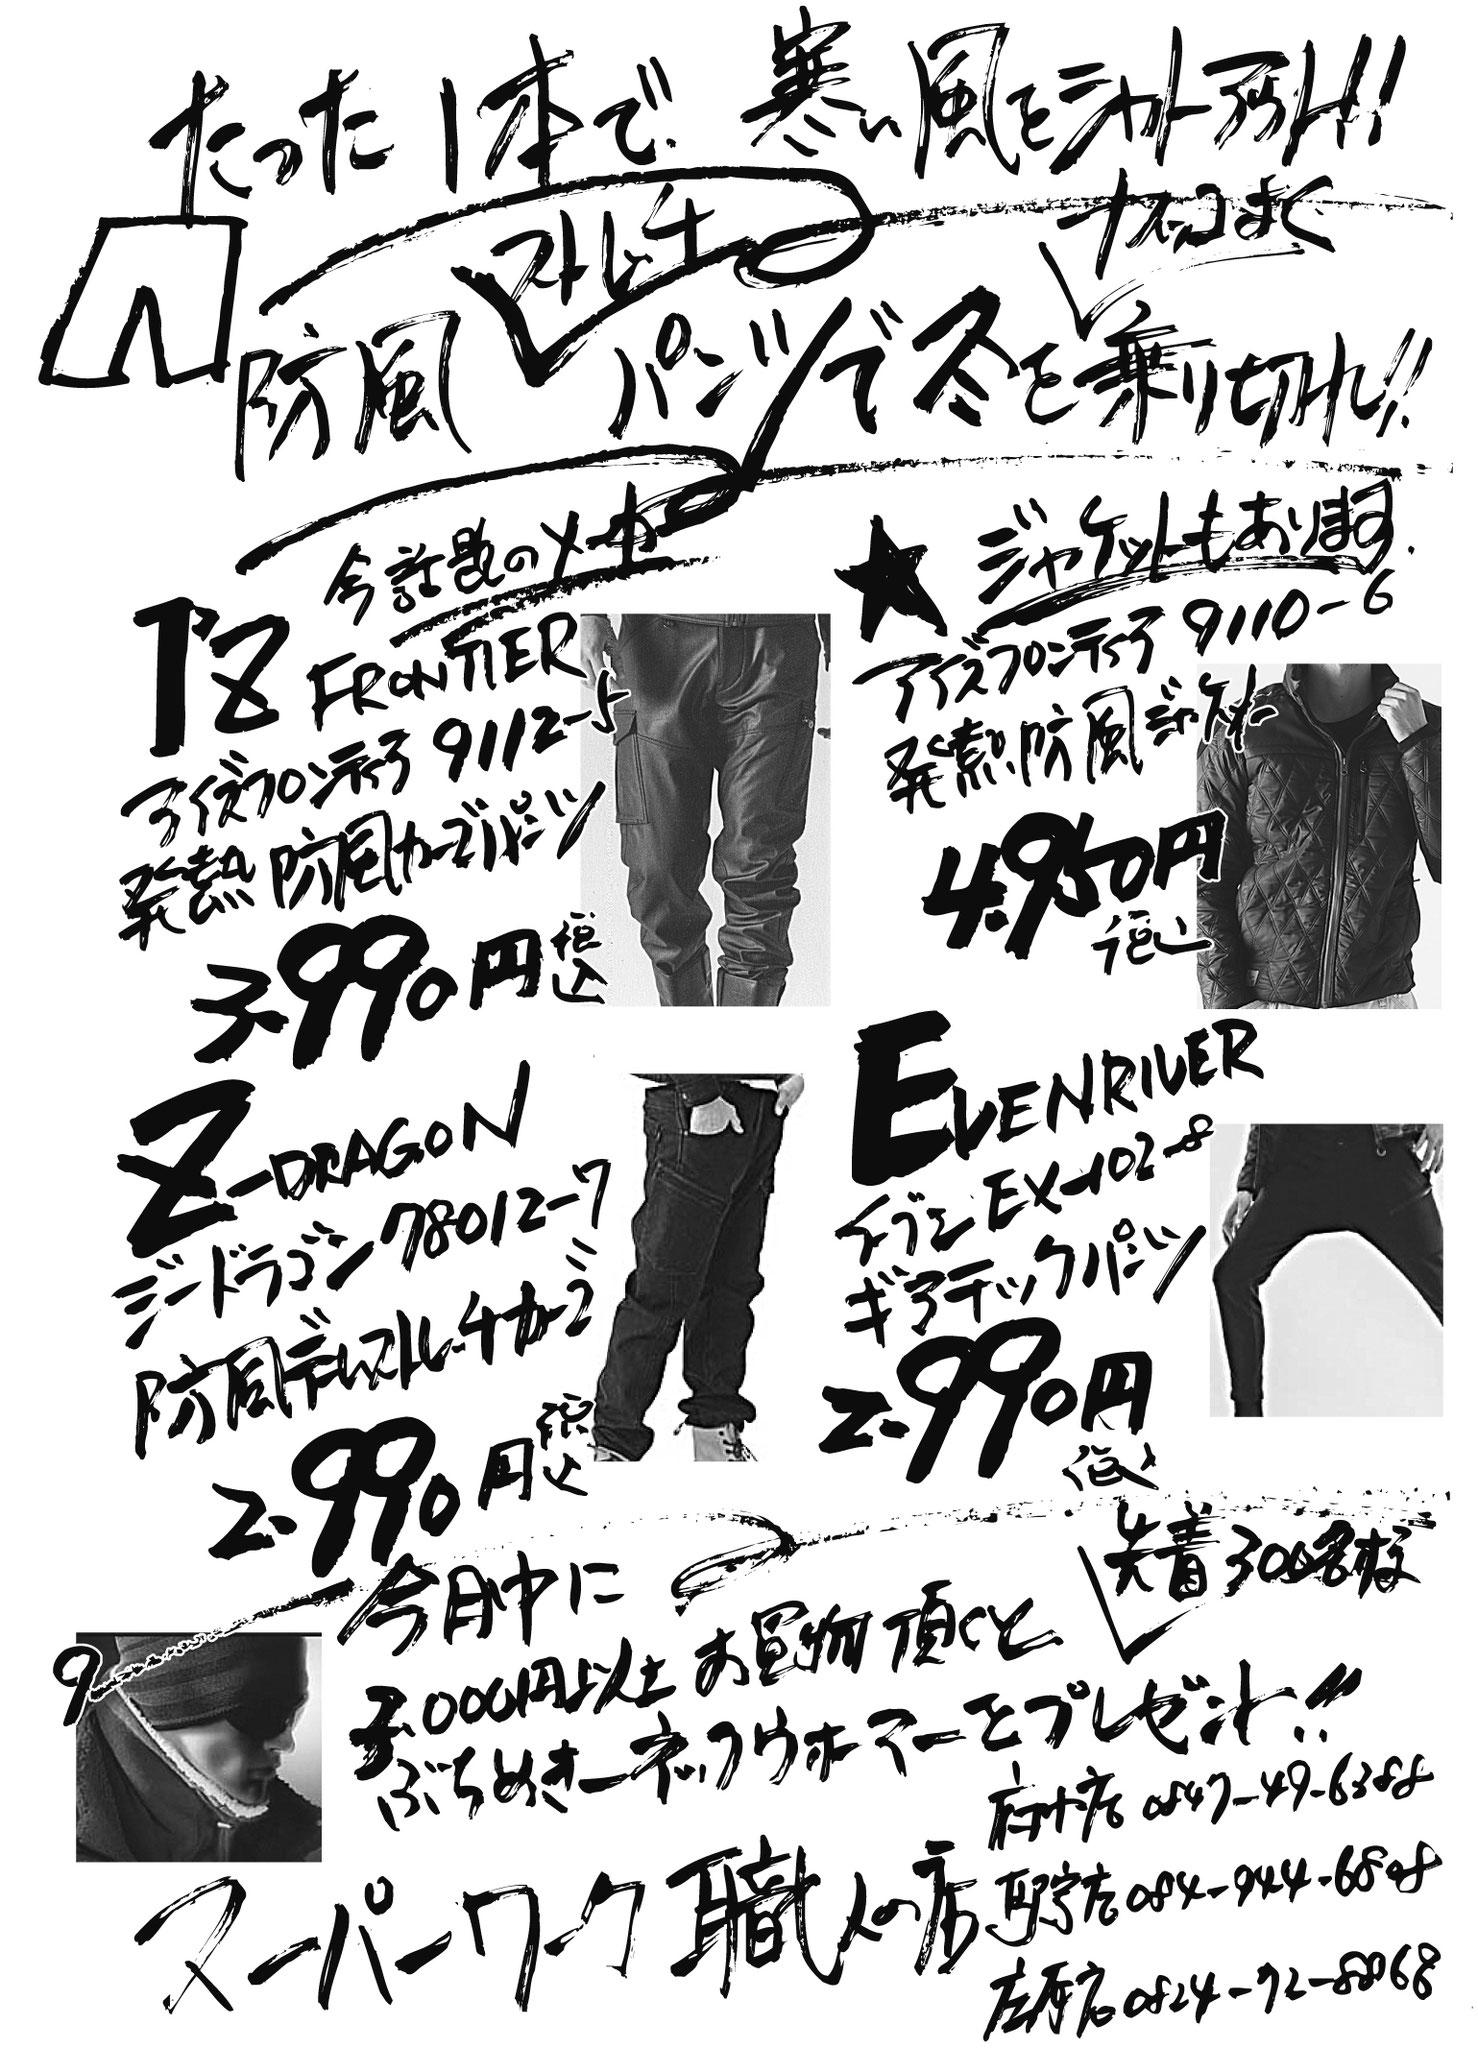 防風パンツは、イーブン EX-102 ギアテックパンツがおススメ!!2,990円(税込)